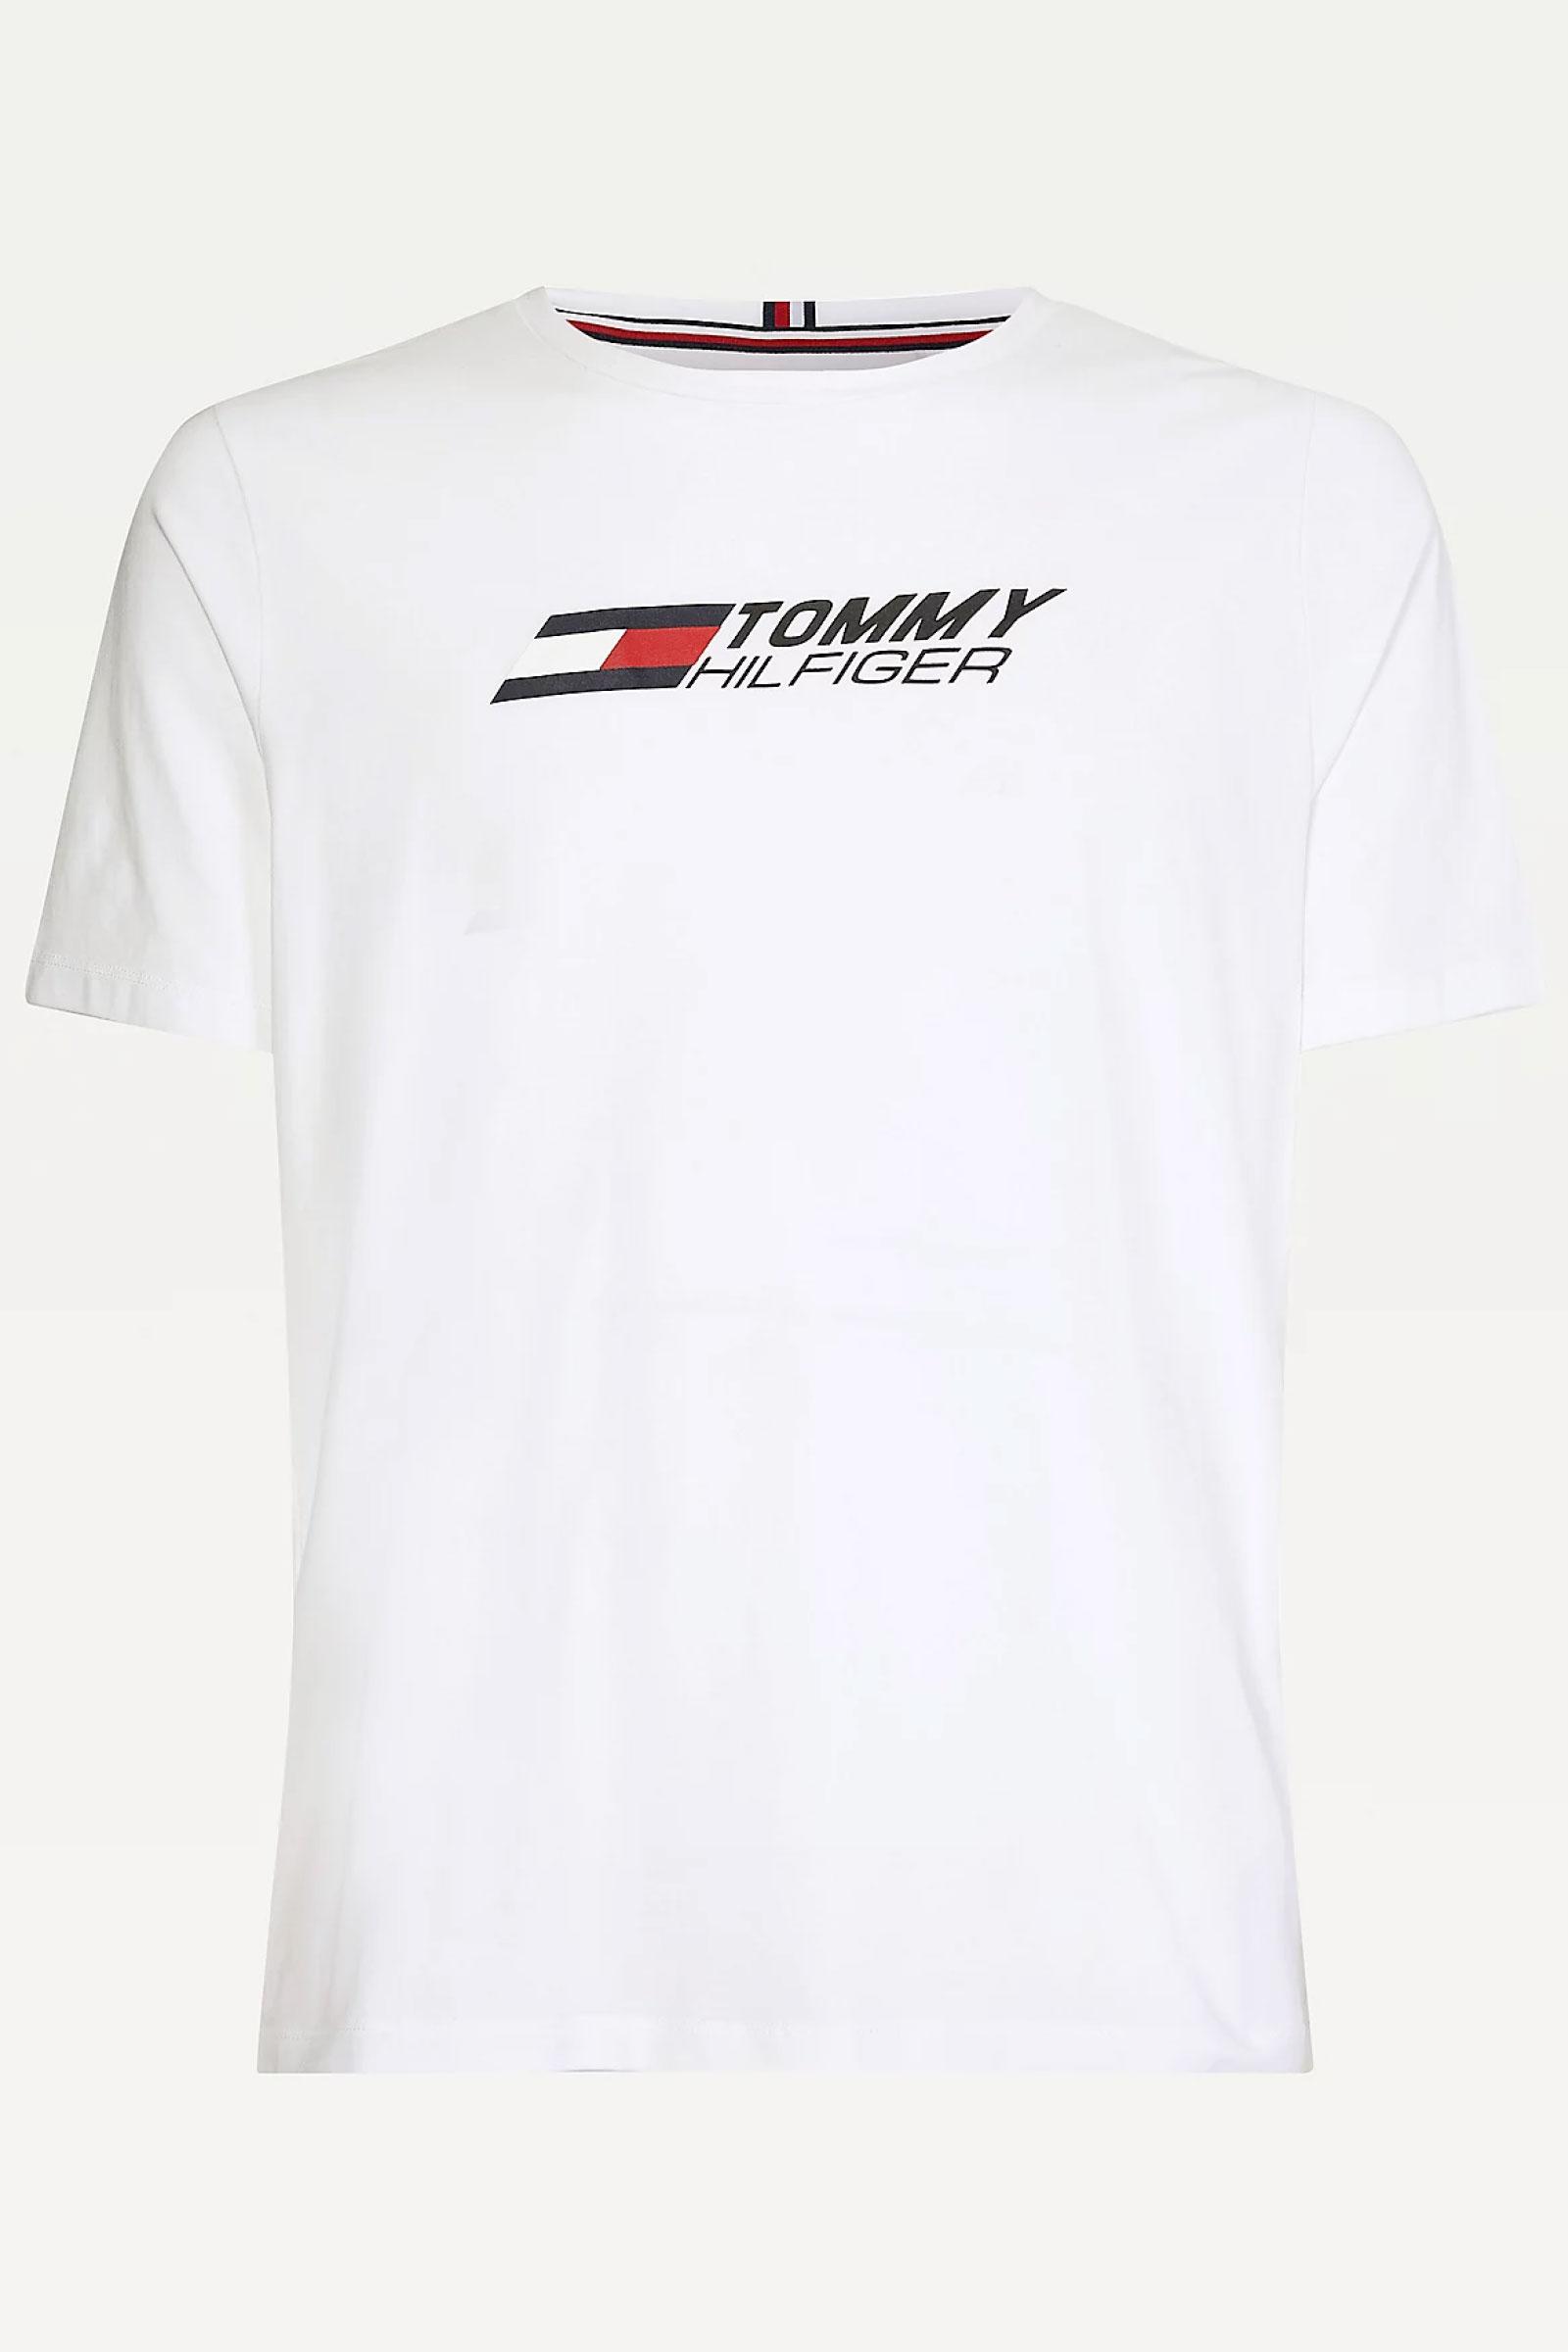 TOMMY HILFIGER | T-Shirt | MW0MW17282YBR